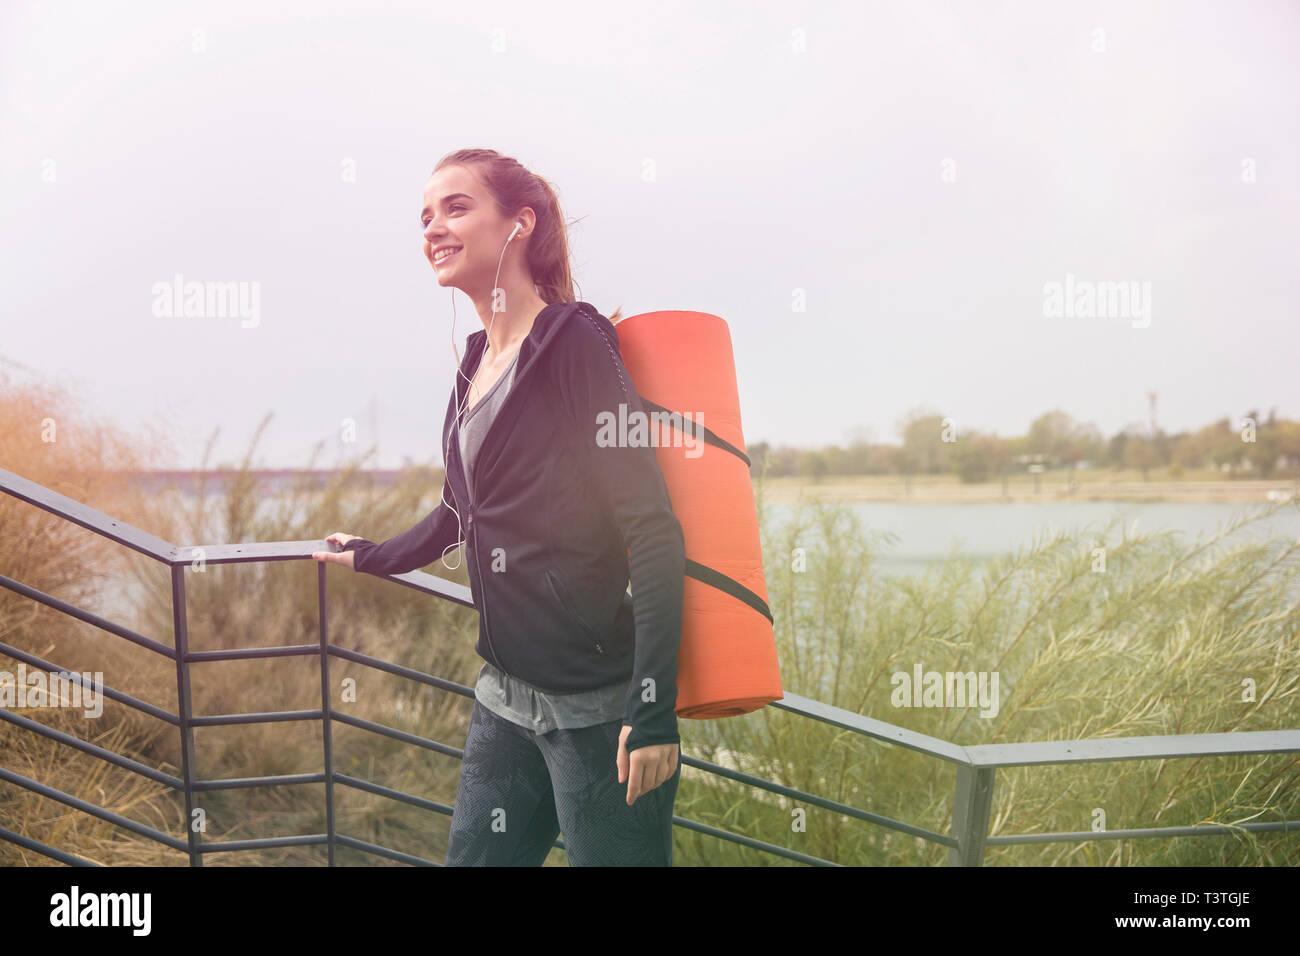 Junge fitness Frau gehen mit Matte auf Rückseite außen Stockfoto